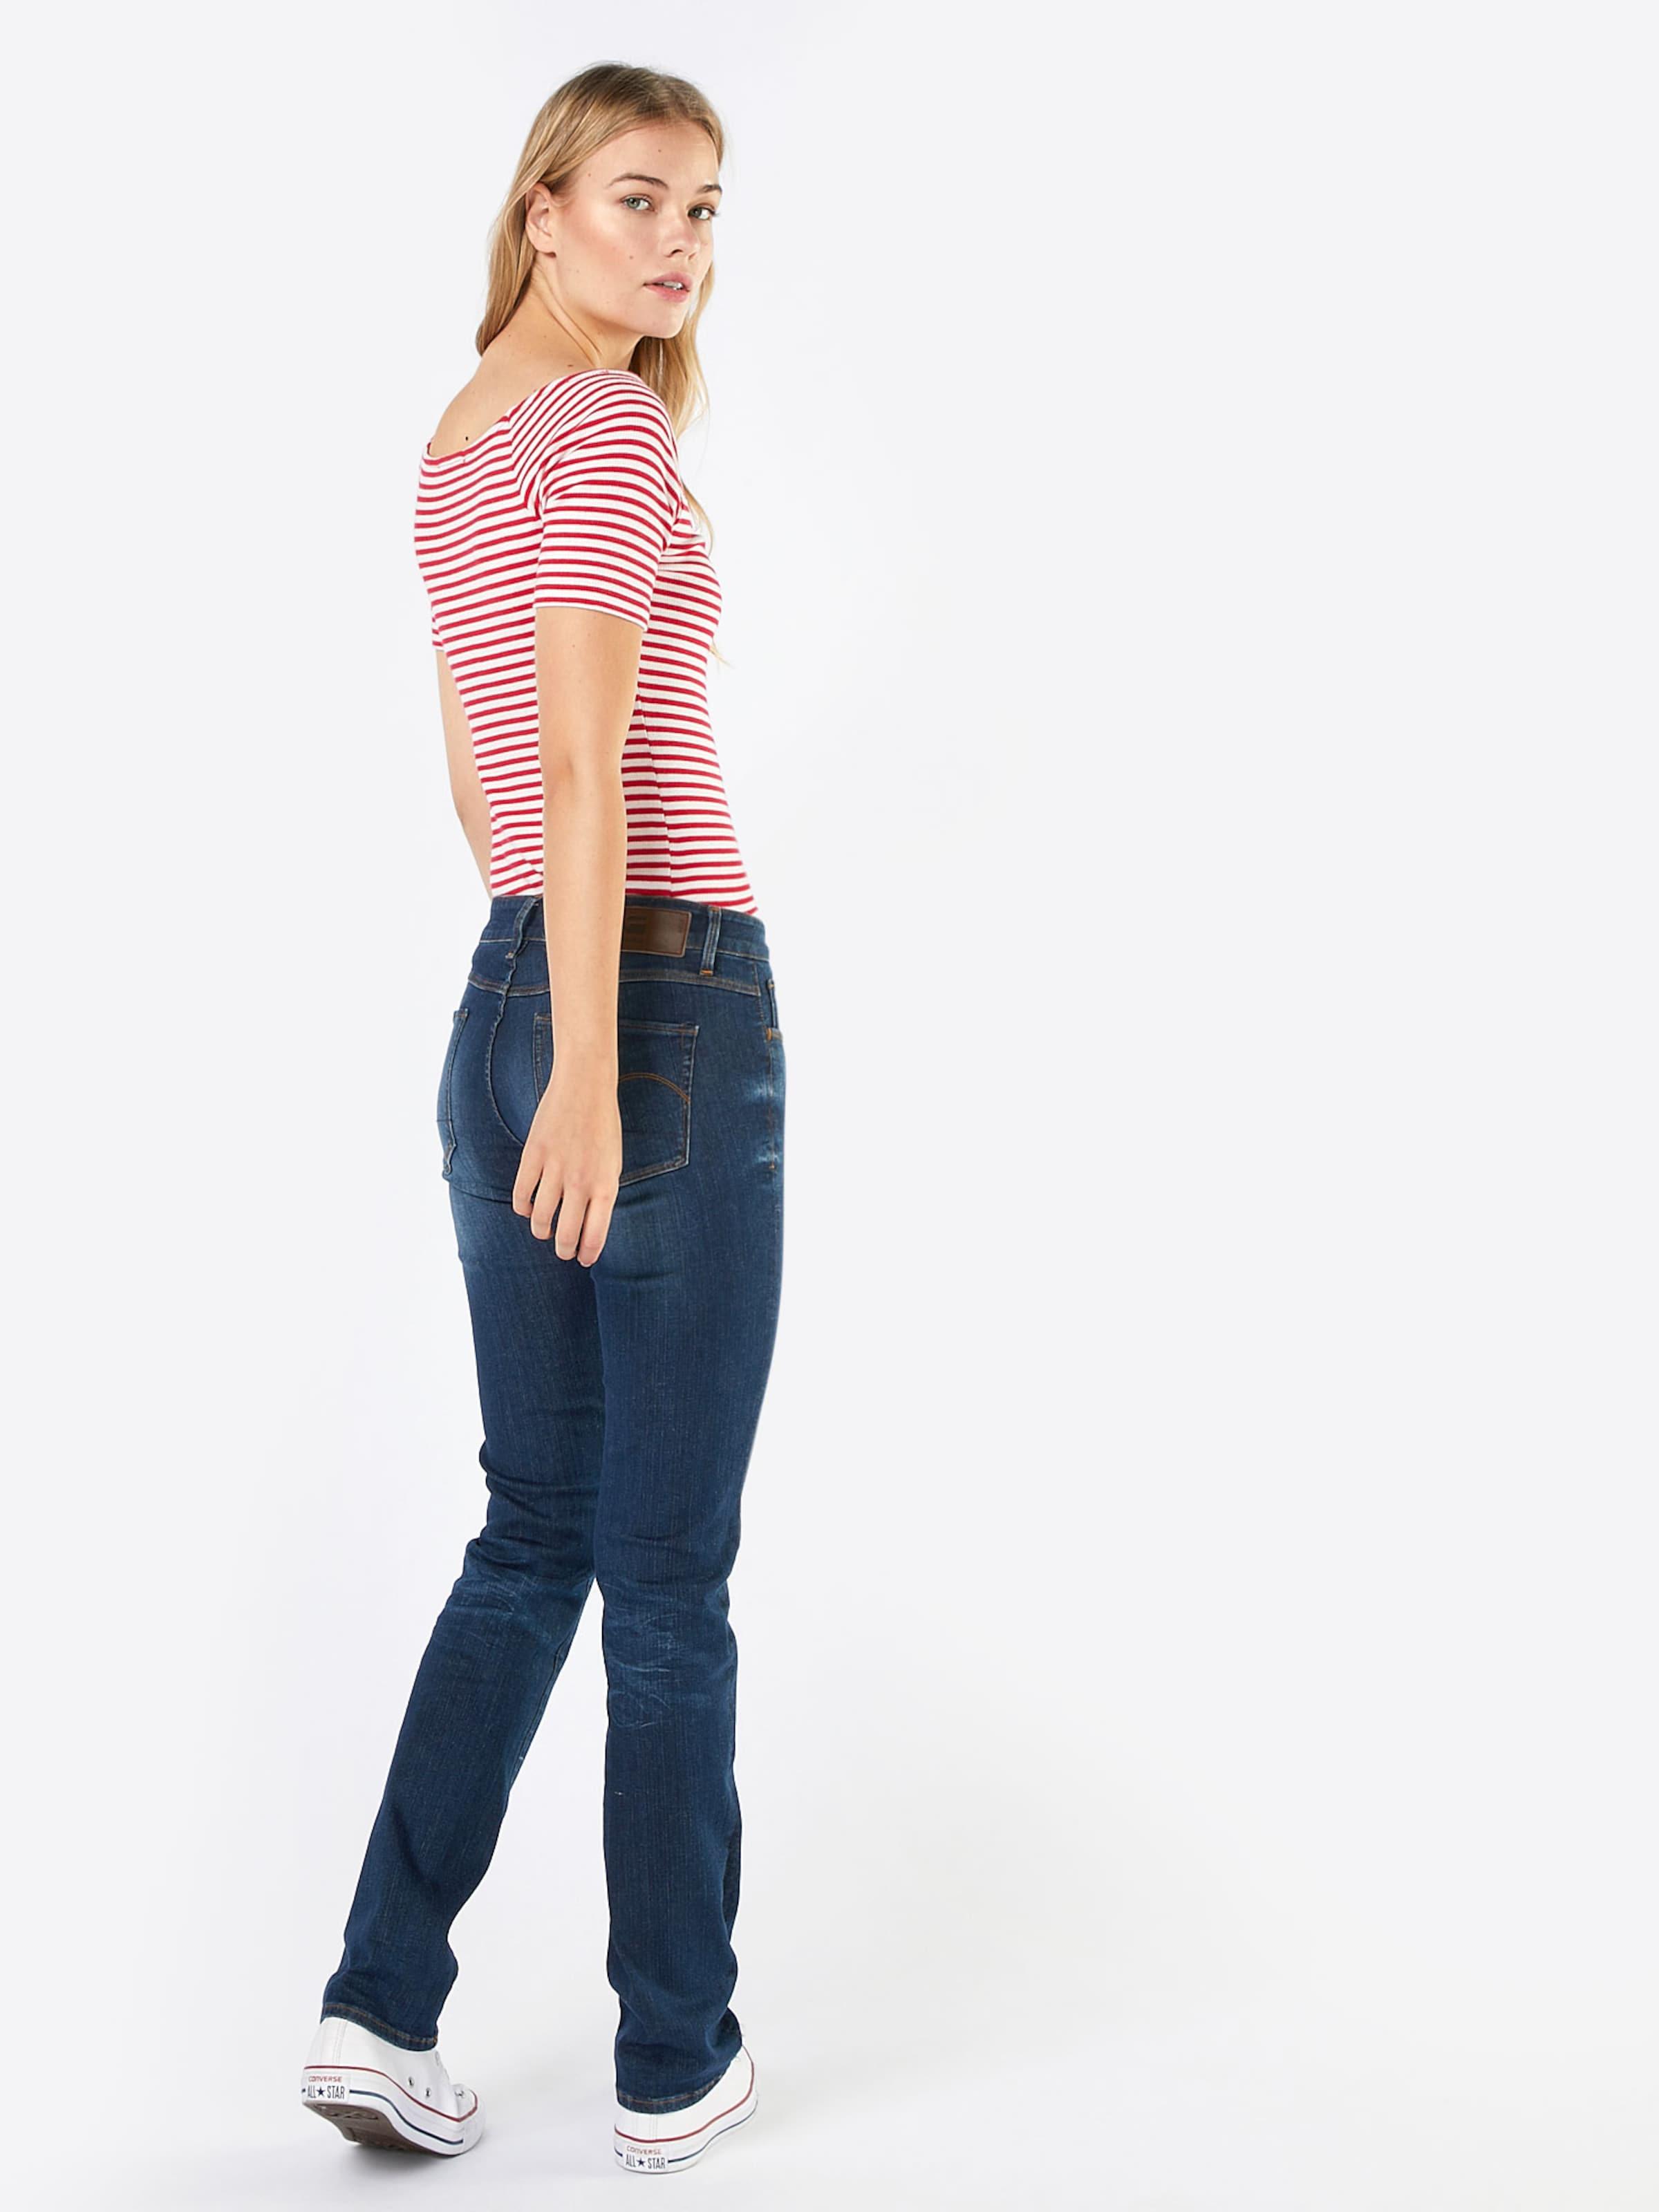 G-STAR RAW Casual Jeans Spielraum Manchester Rabatt Wählen Eine Beste LcHle